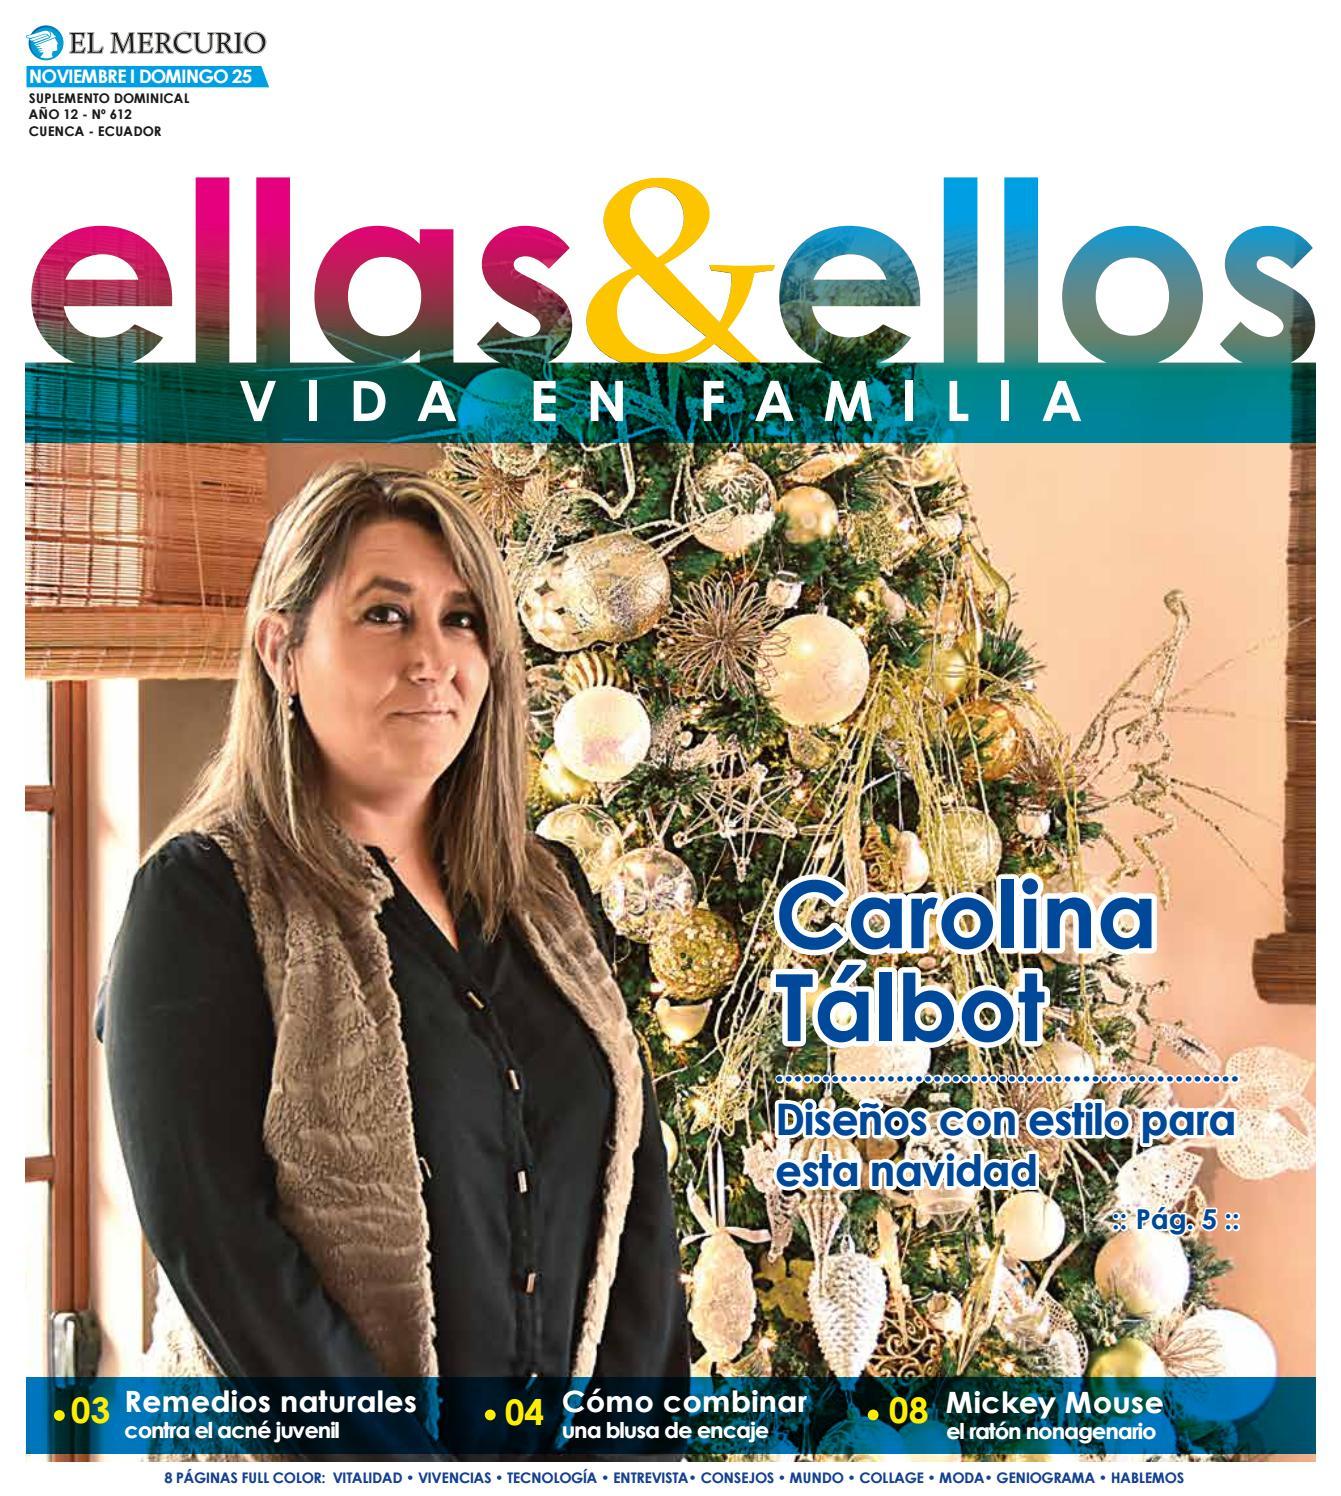 a7455bd88e Suplemento-25-11-2018 by Diario El Mercurio Cuenca - issuu